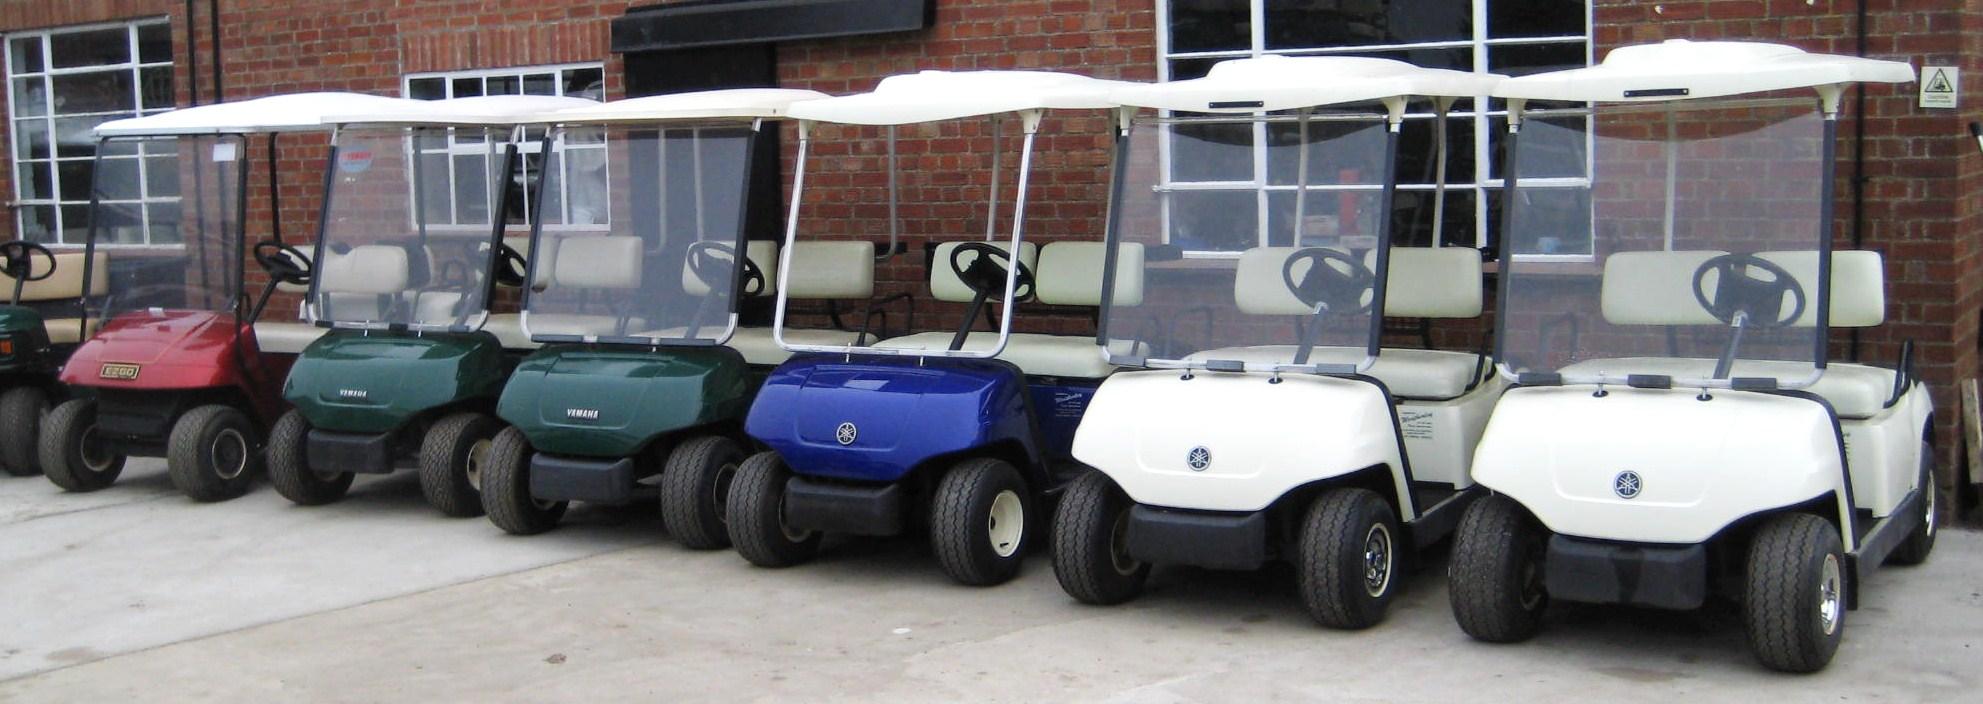 Weatherley Buggies,golfbuggyhire,golfbuggy sales,buggy rental,buggy on